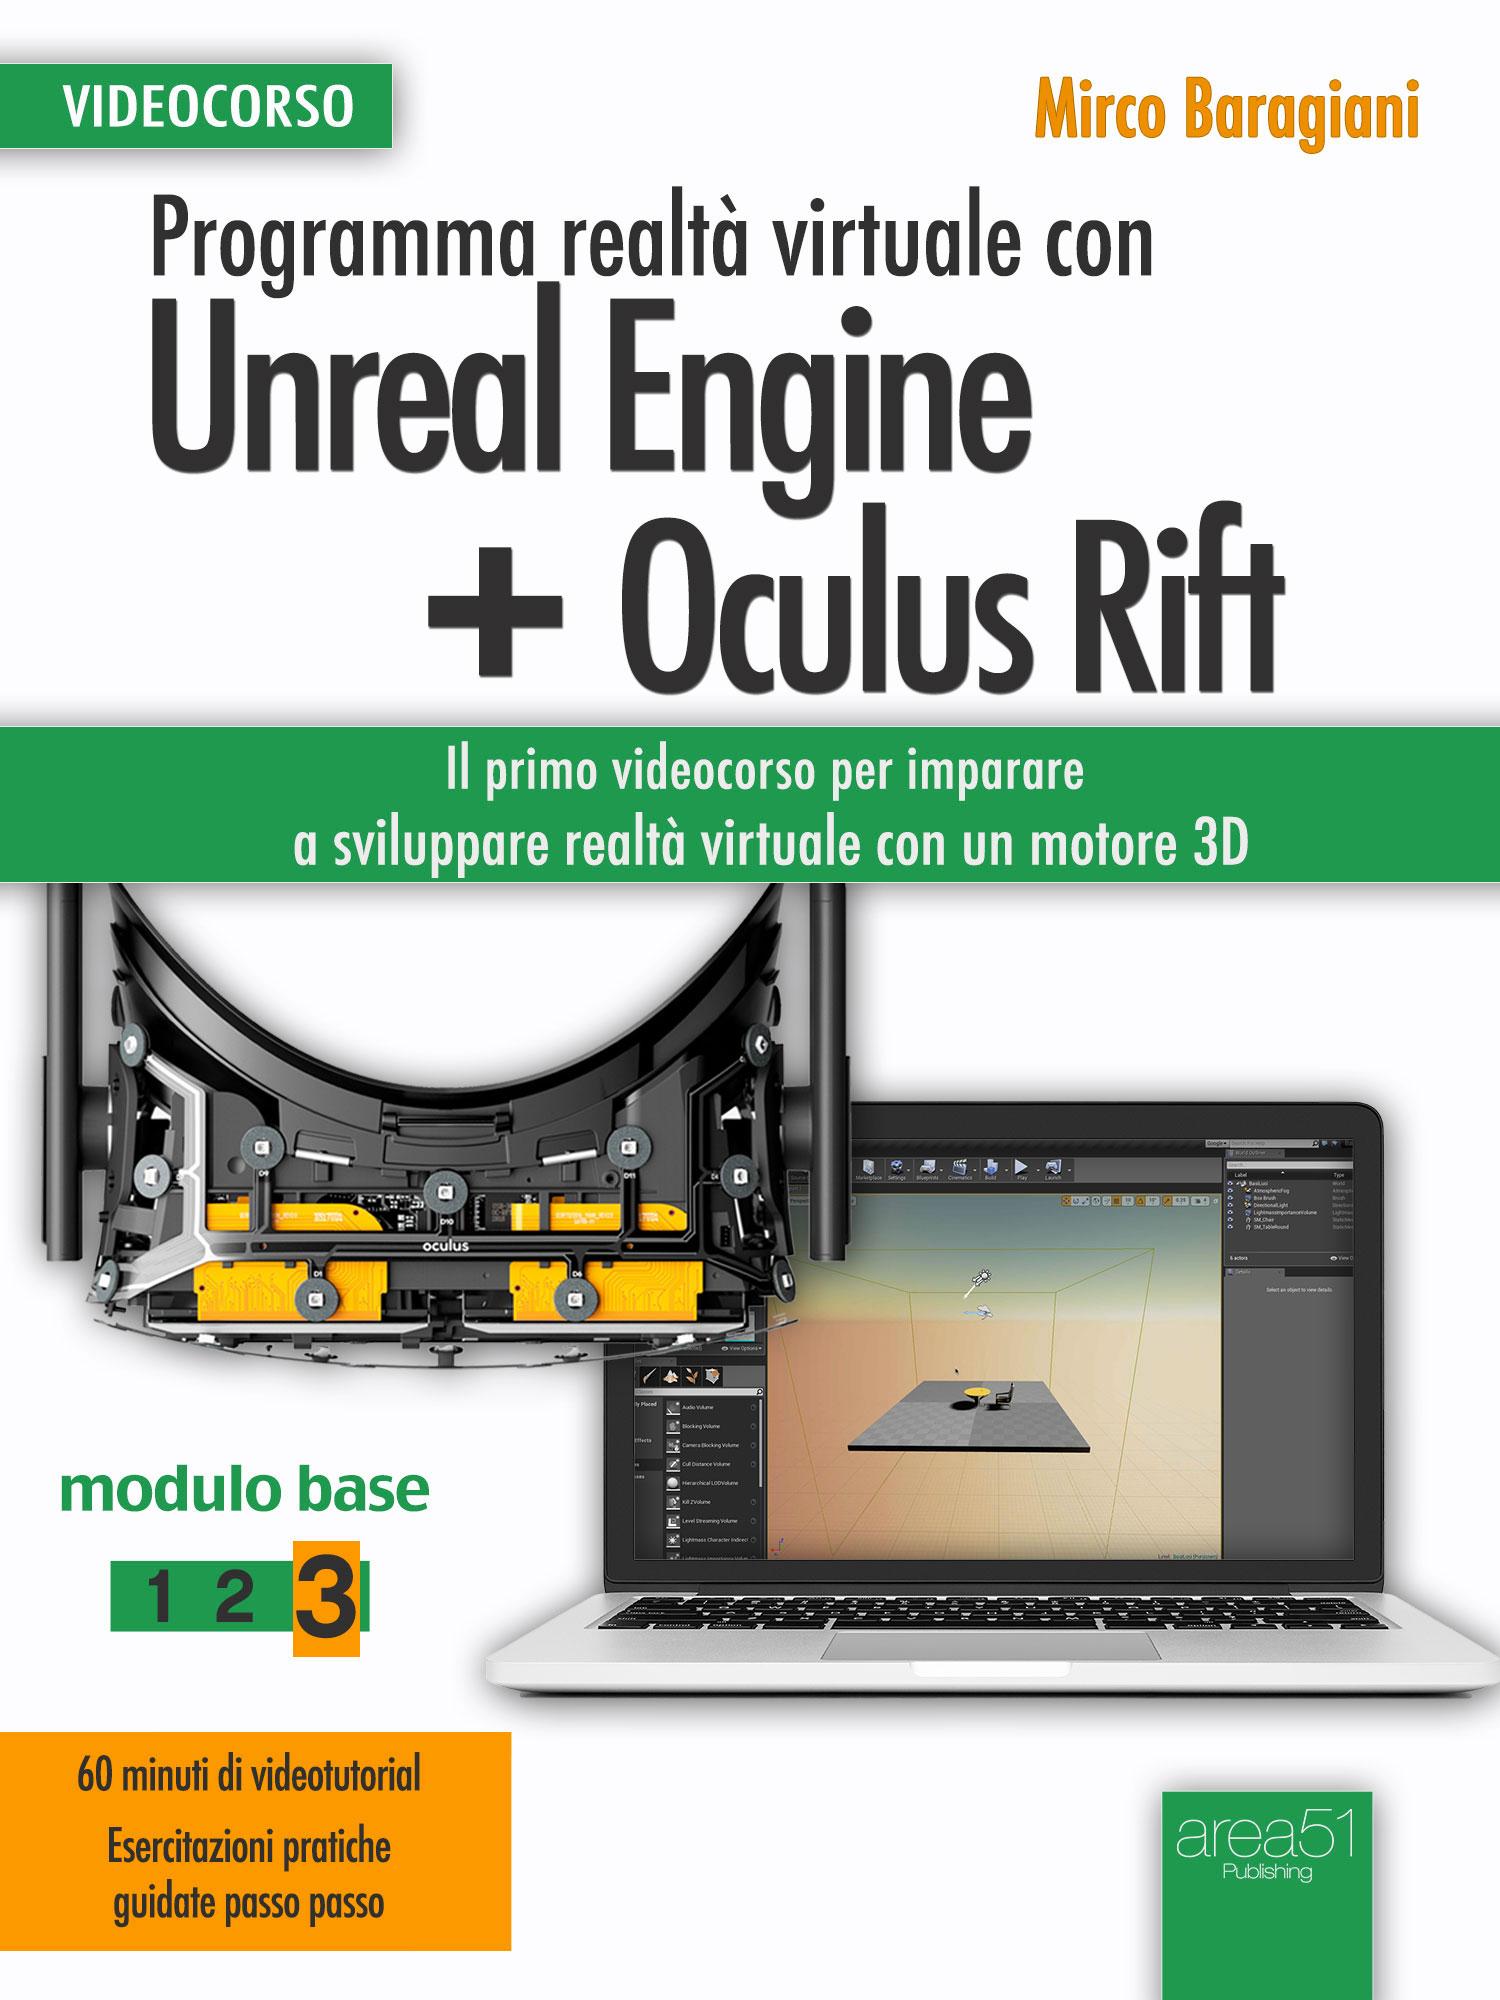 Programma realtà virtuale con Unreal Engine + Oculus Rift Videocorso. Modulo base. Vol. 3-0